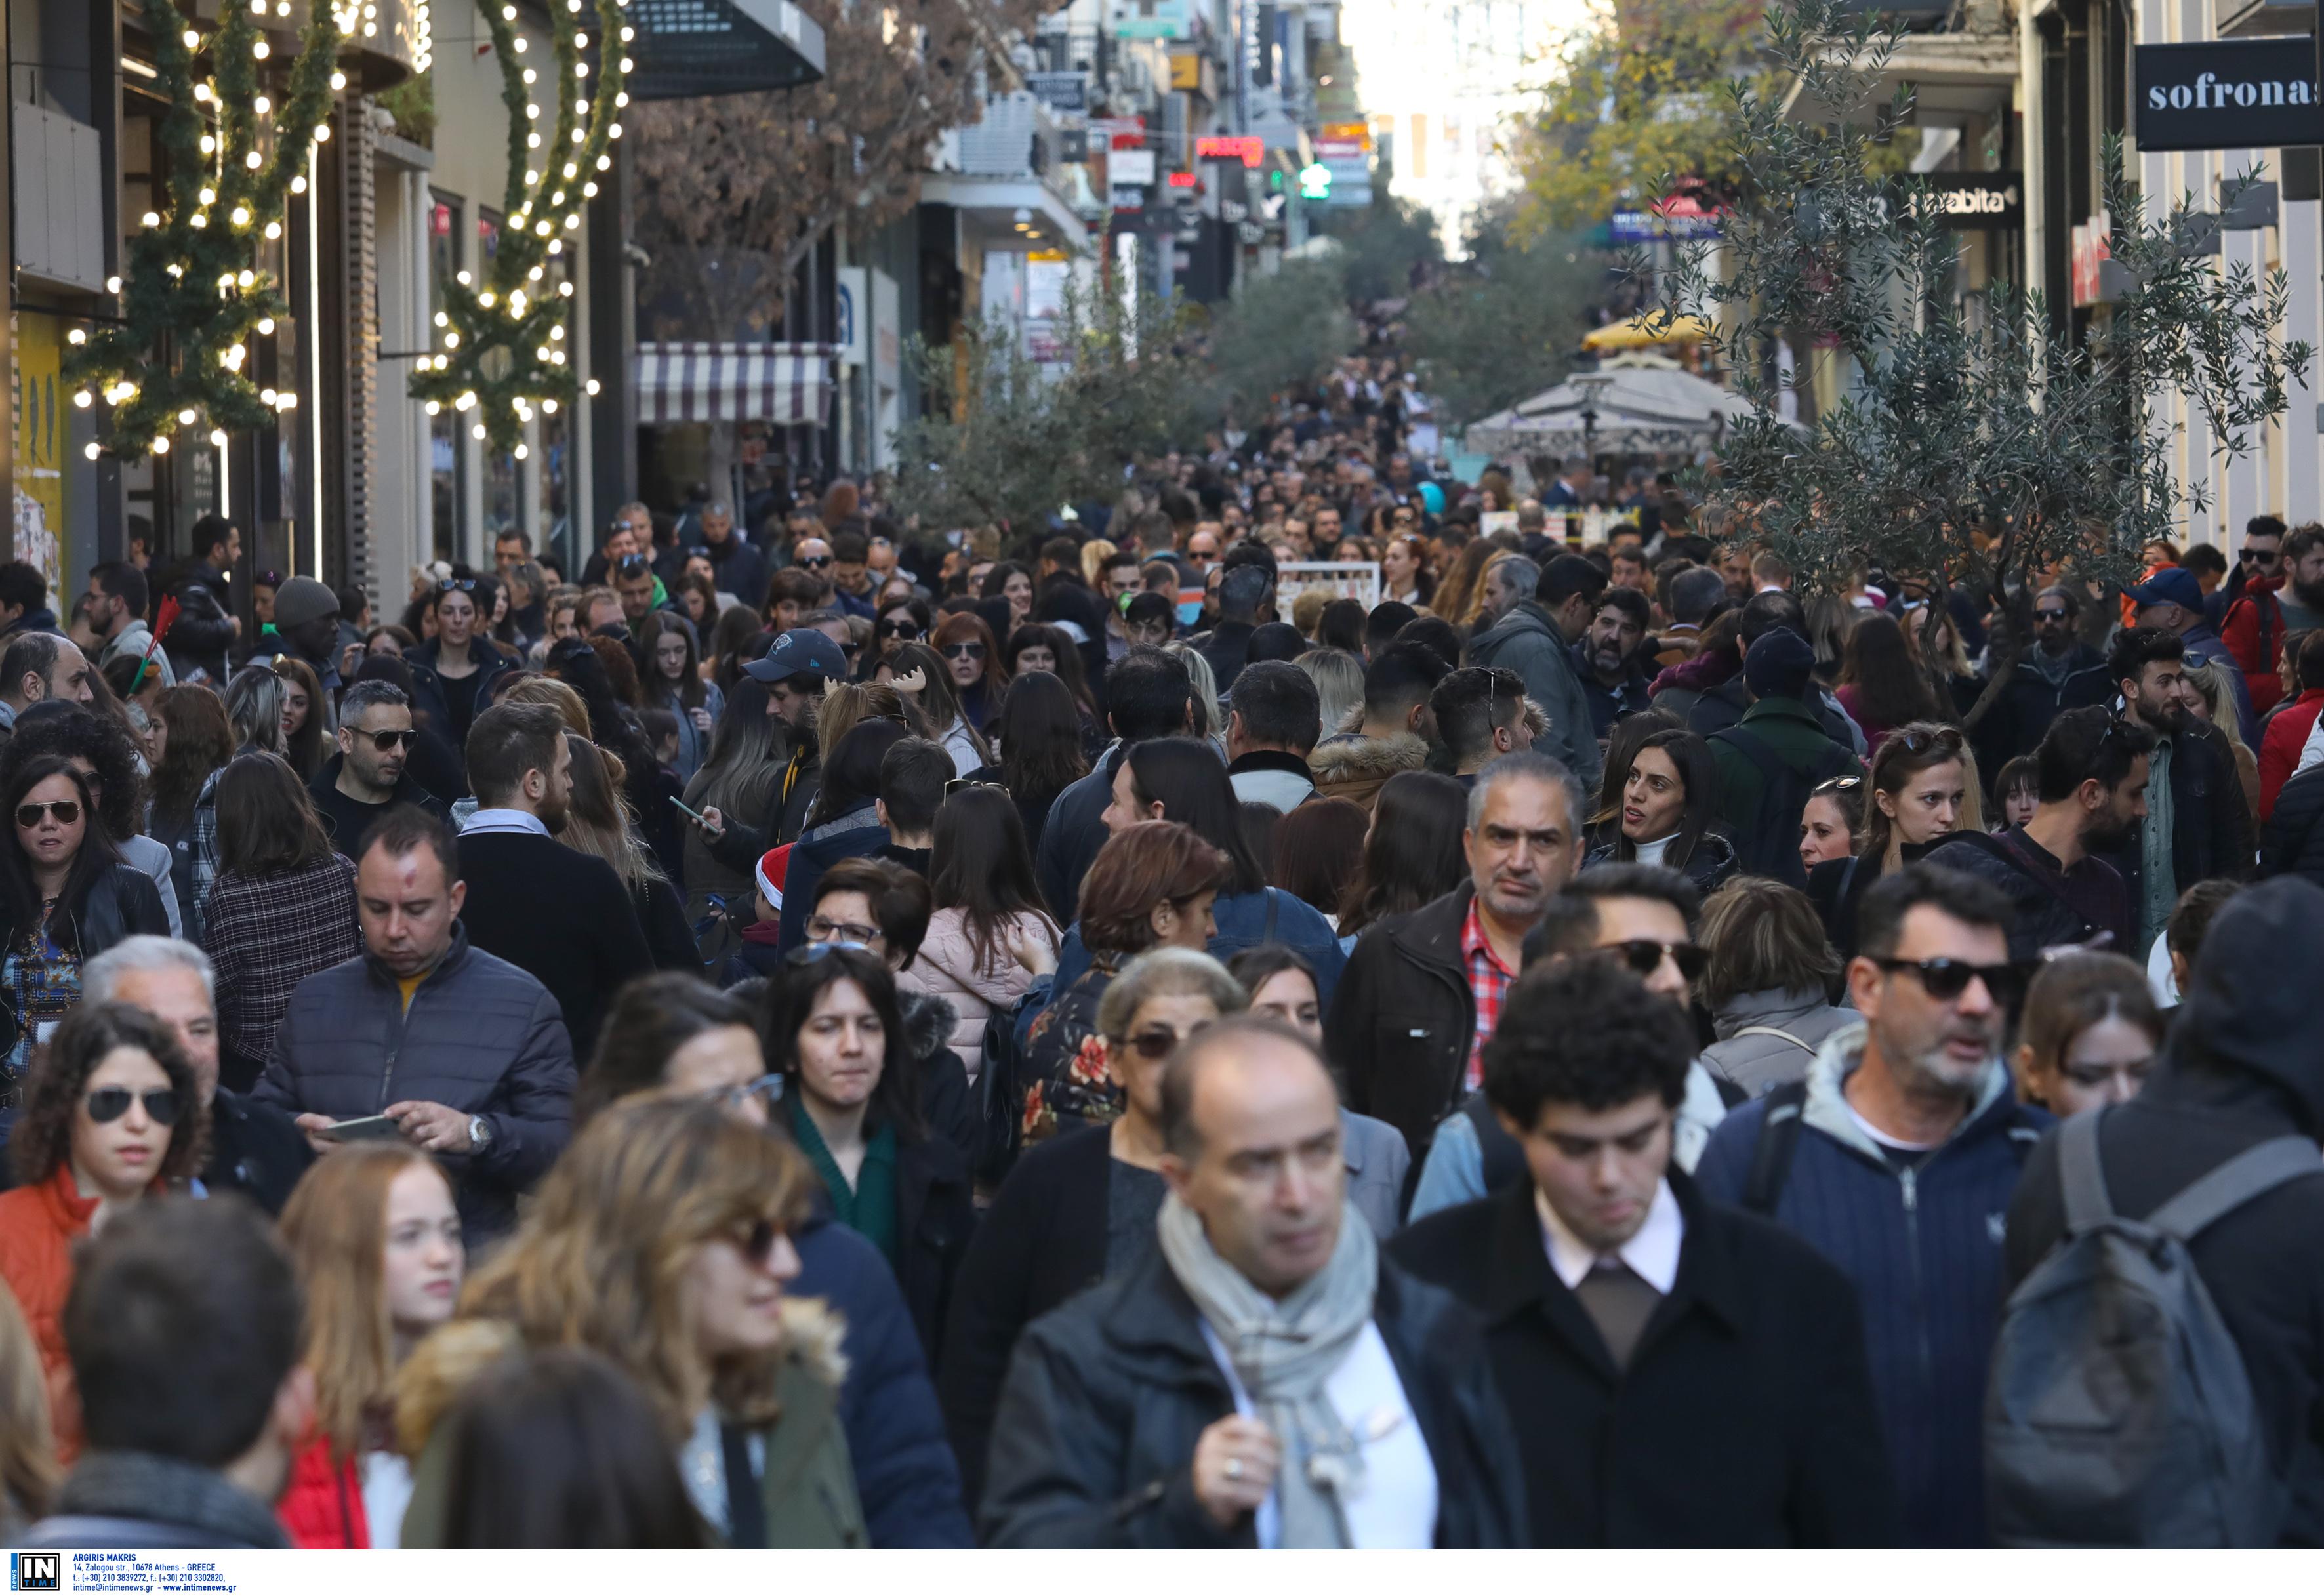 ΙΟΒΕ: Σε υψηλό δεκαετίας το οικονομικό κλίμα τον Νοέμβριο στην Ελλάδα